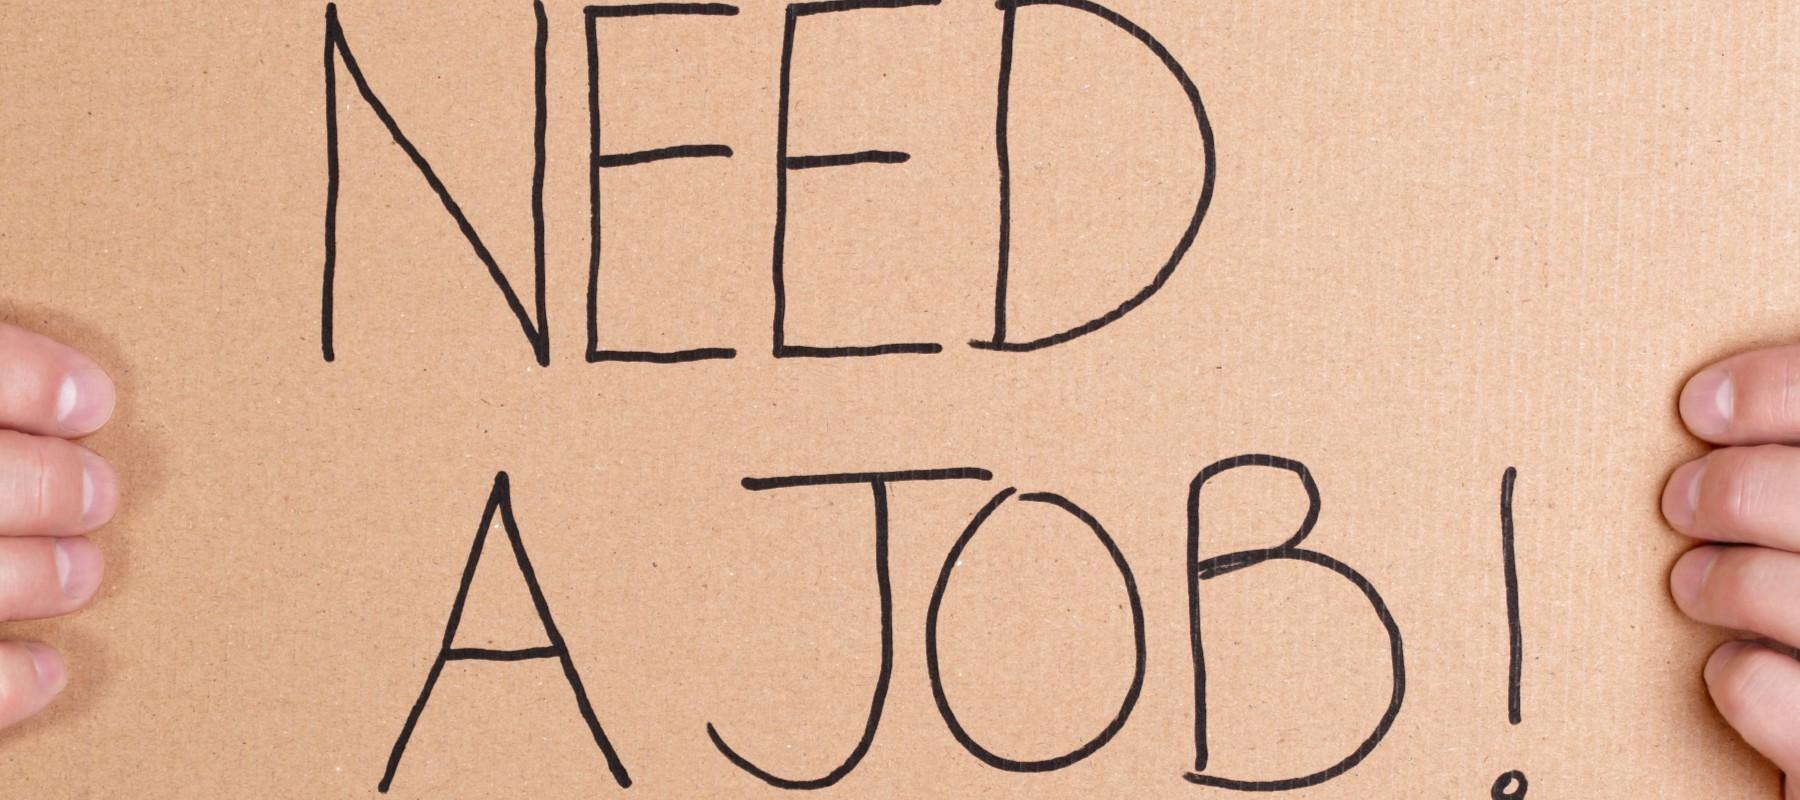 Αντιμετωπίστε τις ψυχολογικές επιπτώσεις της ανεργίας